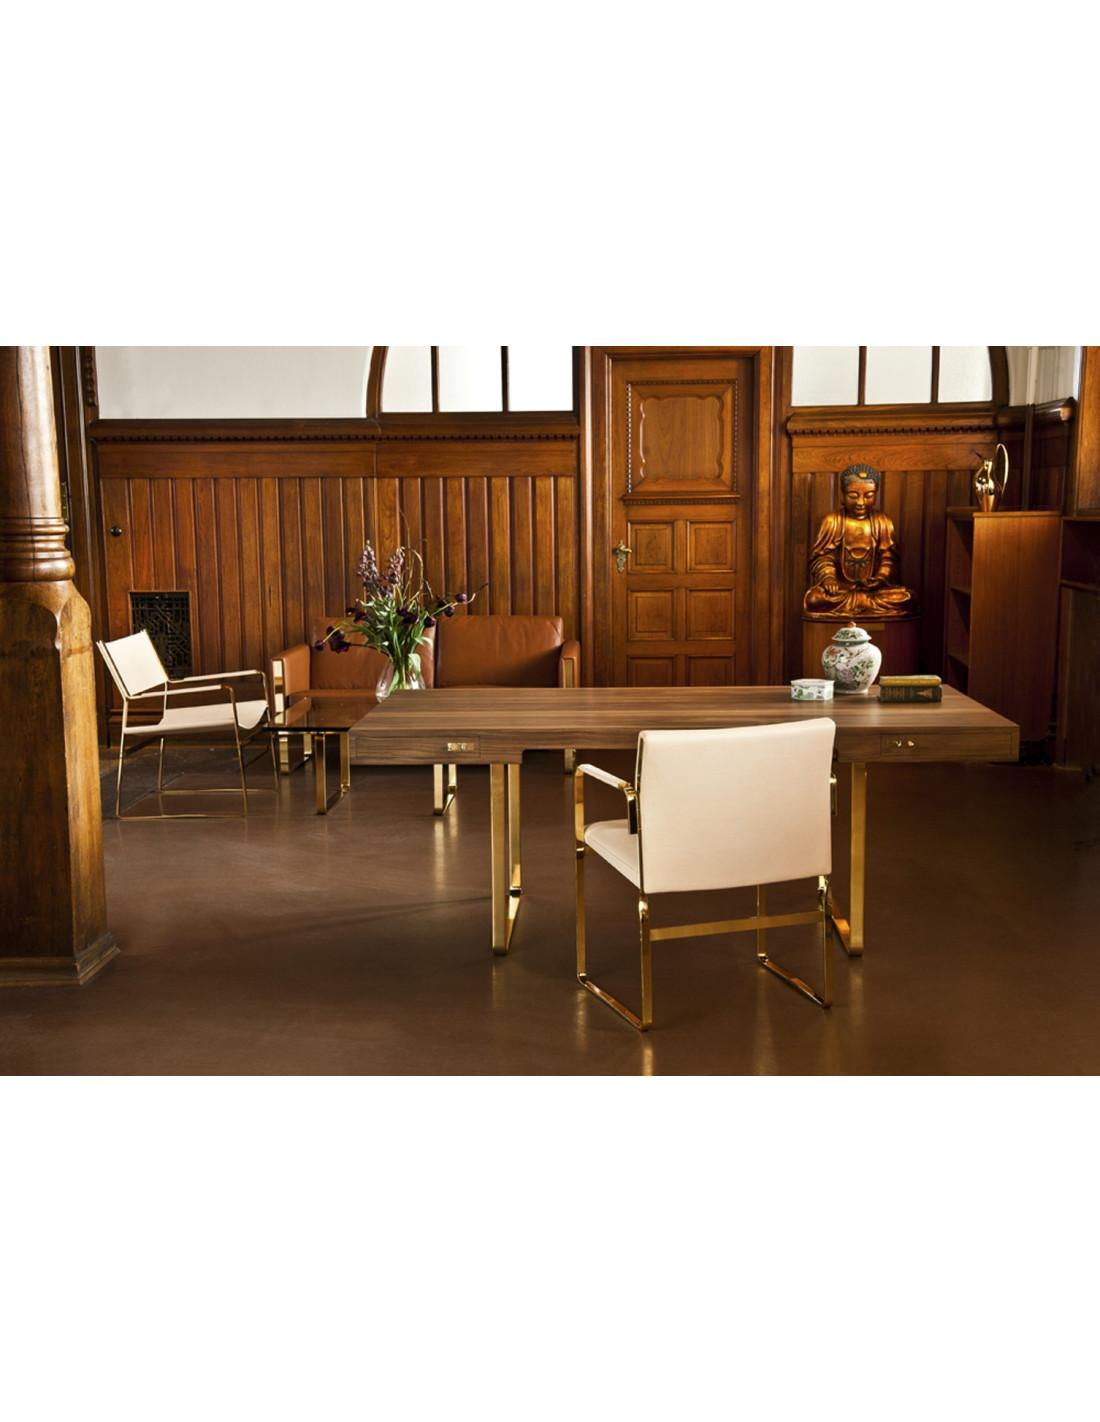 bureau arcadia ch110 design hans wegner pour carl hansen la boutique danoise. Black Bedroom Furniture Sets. Home Design Ideas